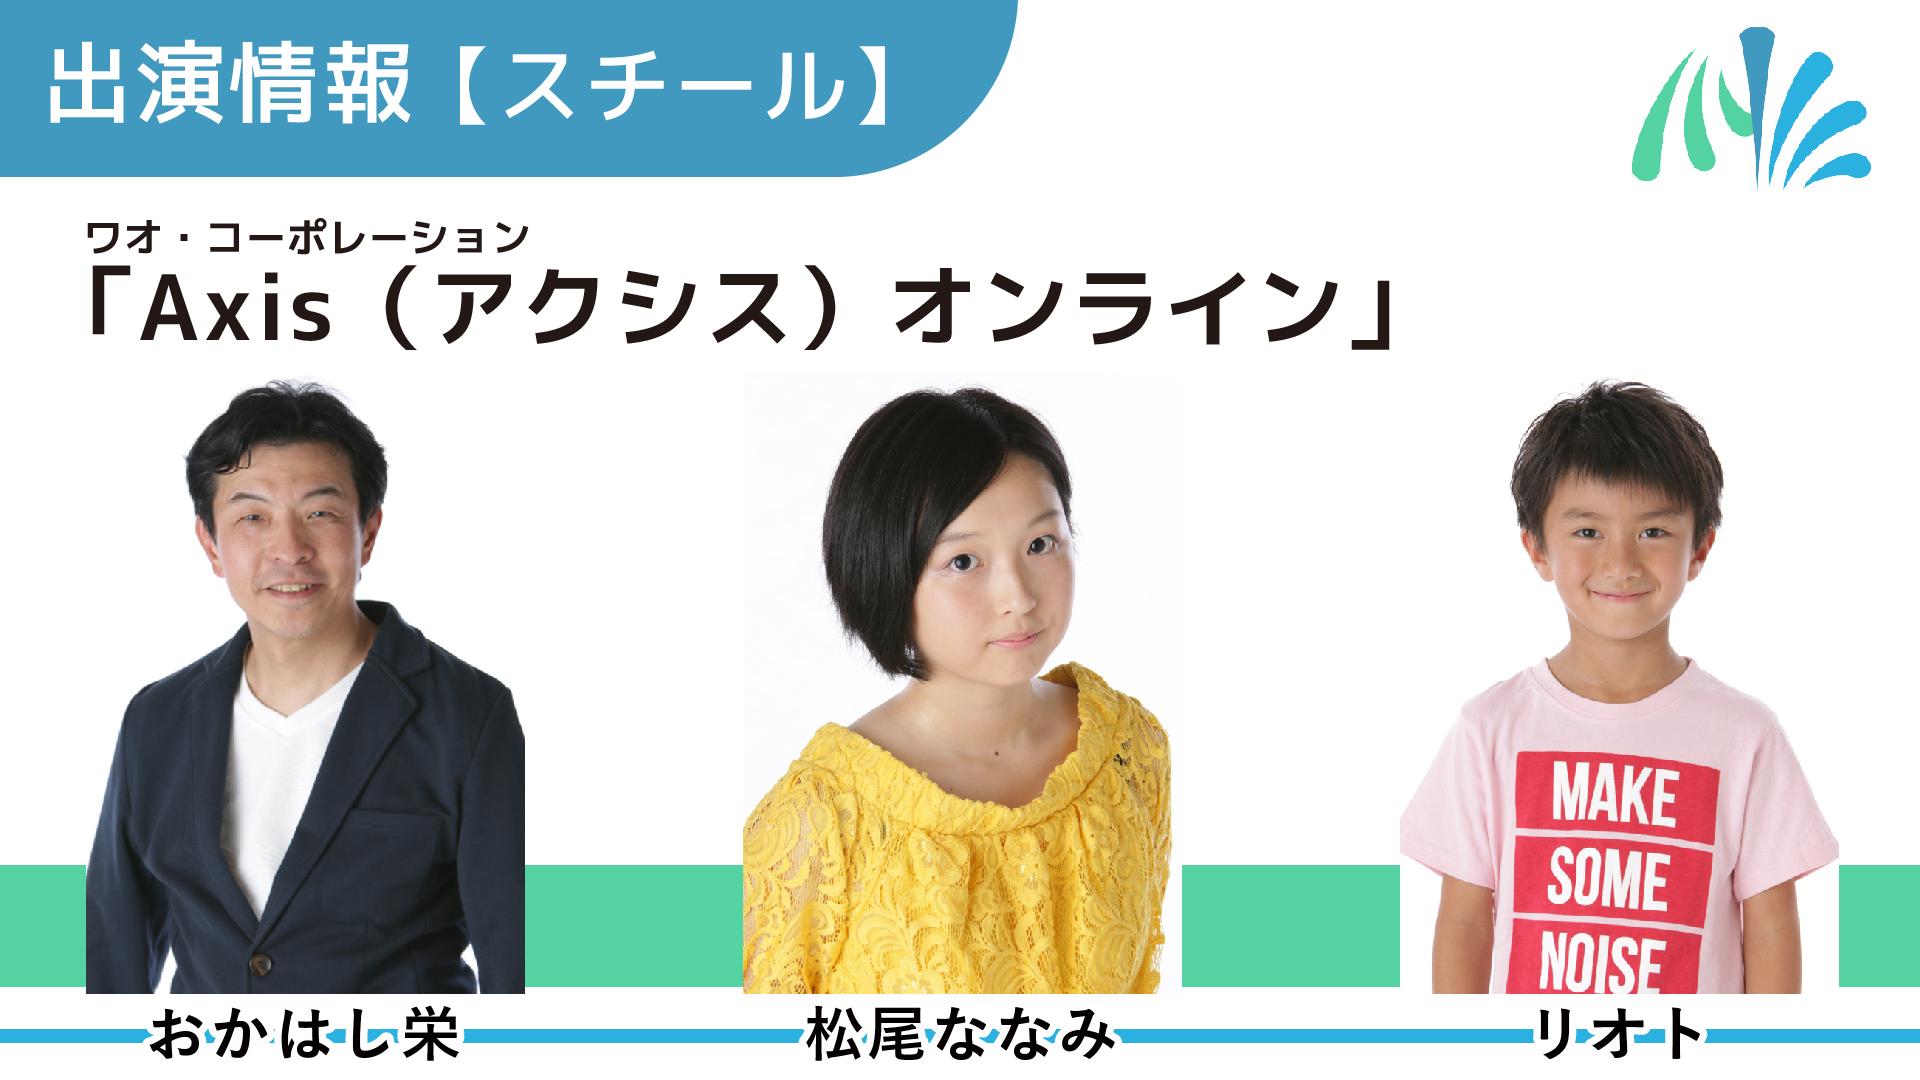 【出演情報】おかはし栄、松尾ななみ、リオト / ワオ・コーポレーション「Axis(アクシス)オンライン」スチールモデル